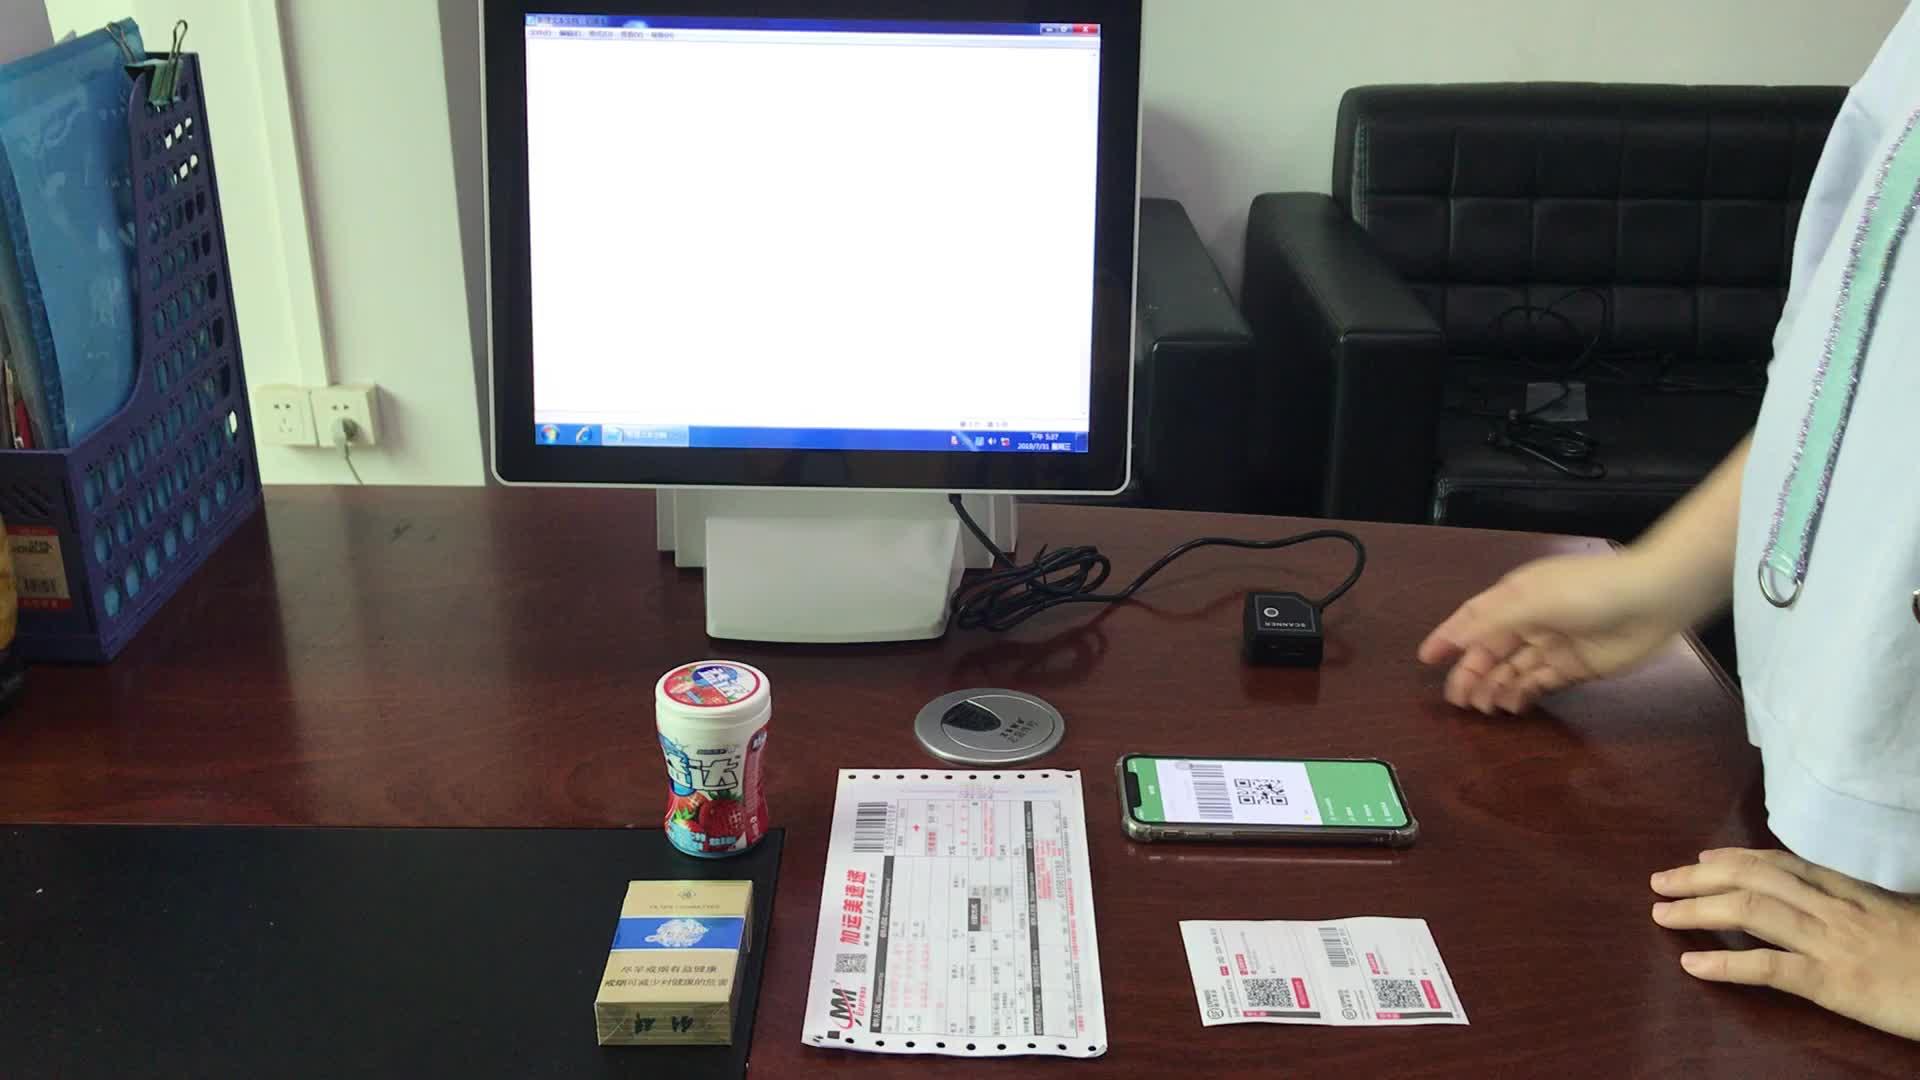 ฝังตัวประตูล็อค turnstile รหัส QR Barcode Scanner โมดูลเครื่องหยอดเหรียญ/access control Barcode Reader